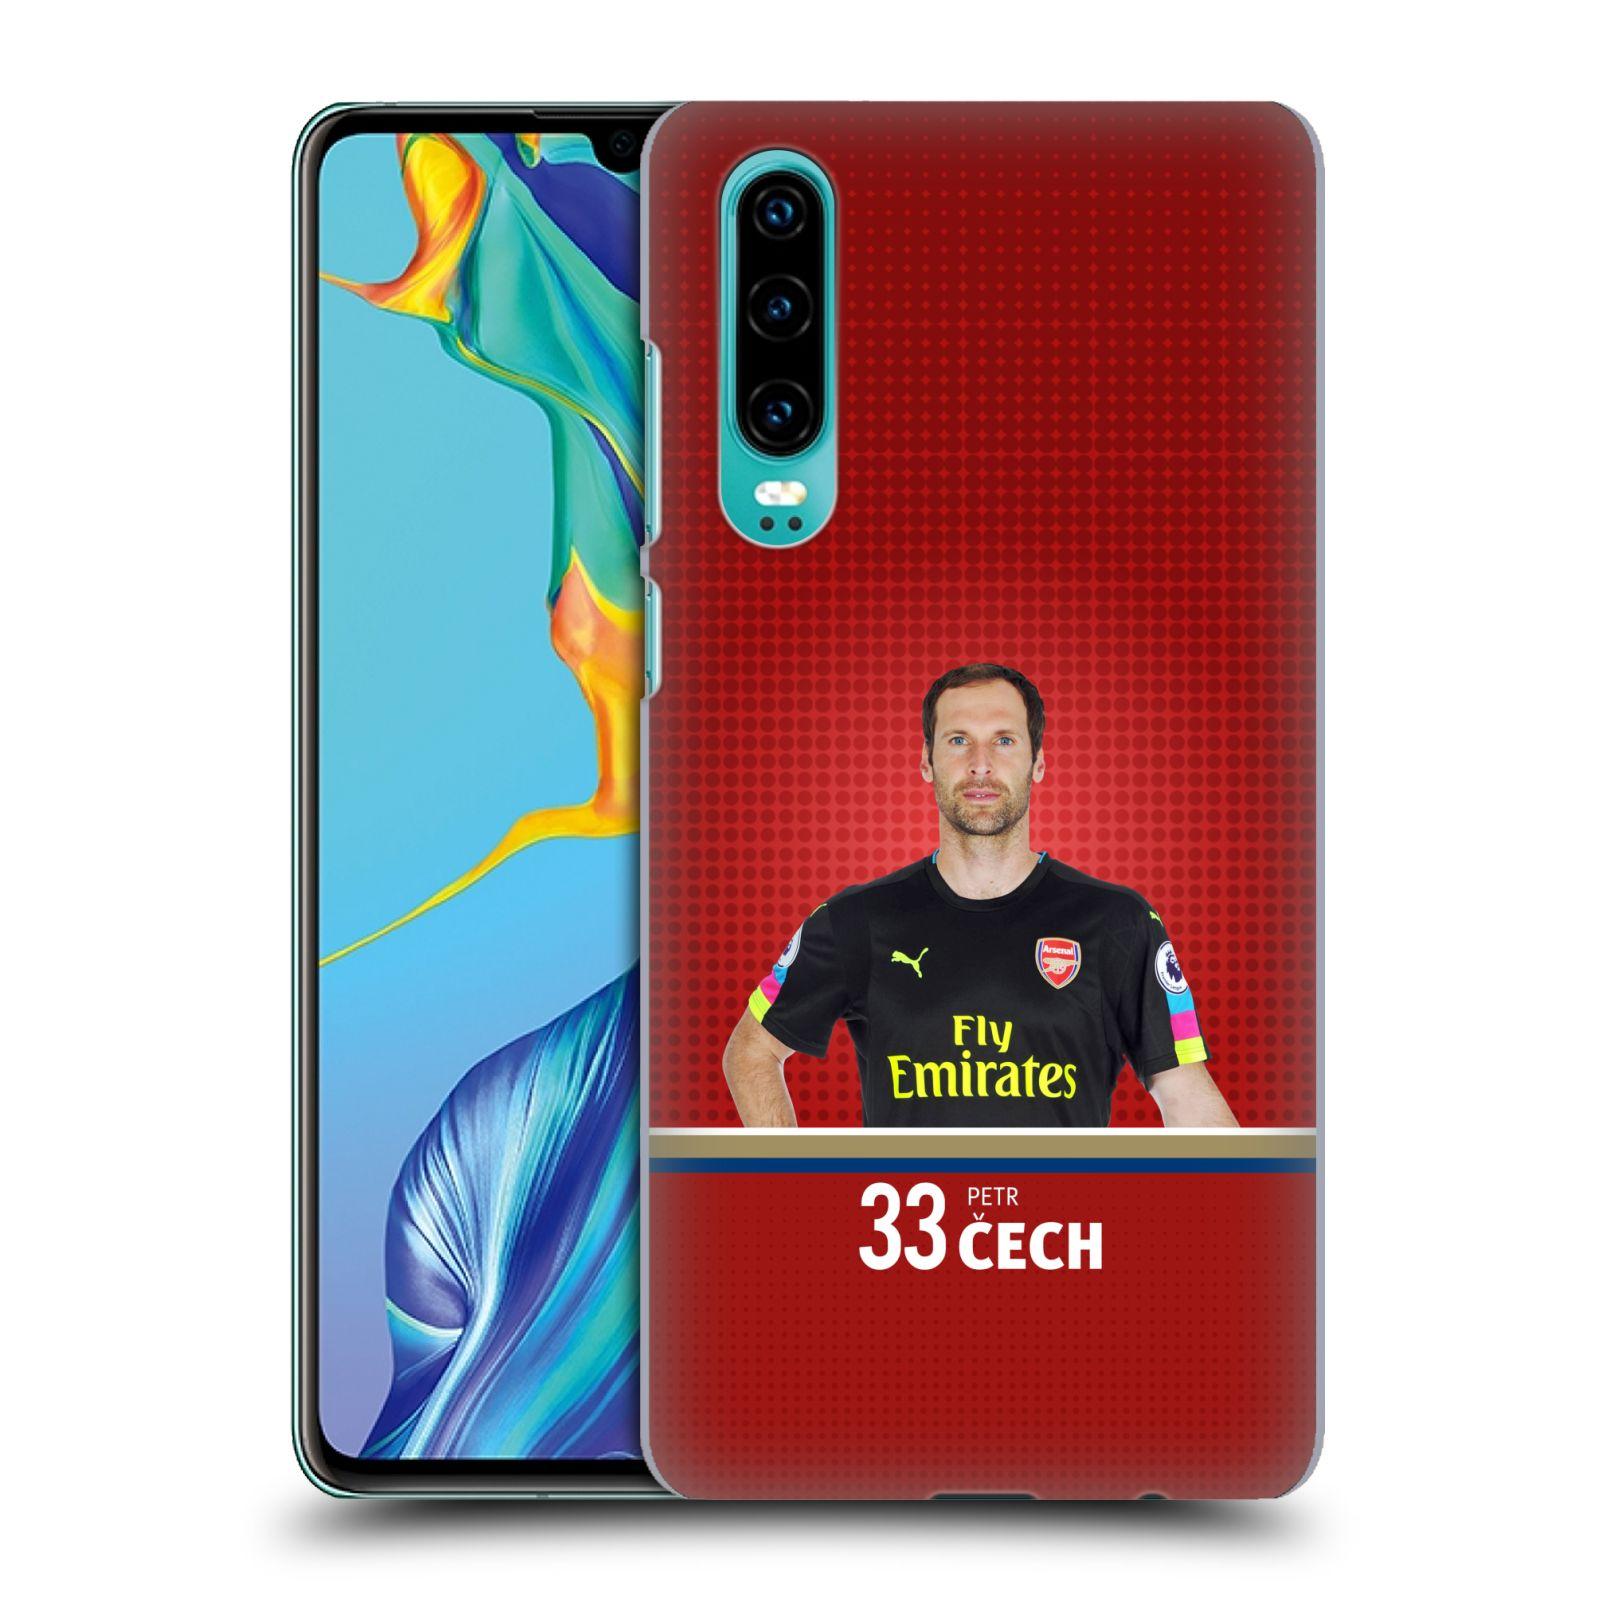 Plastové pouzdro na mobil Huawei P30 - Head Case - Arsenal FC - Petr Čech